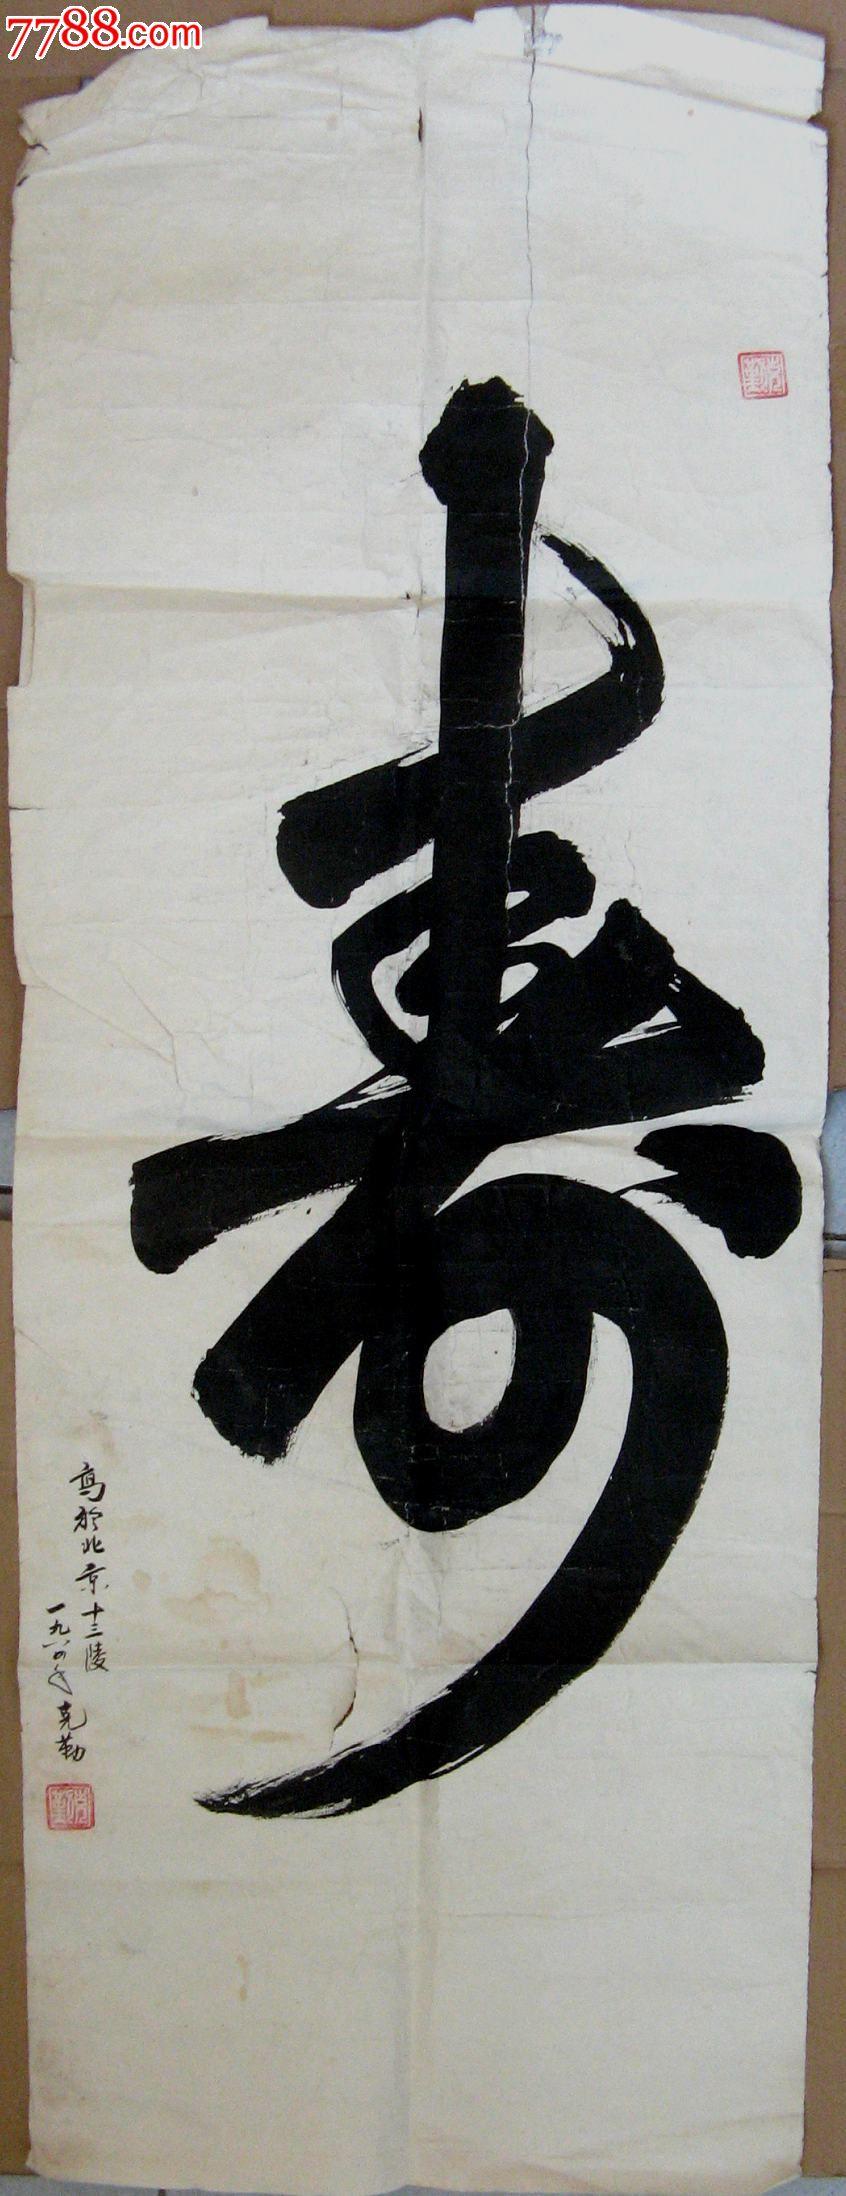 三尺条幅行书大字《寿》图片